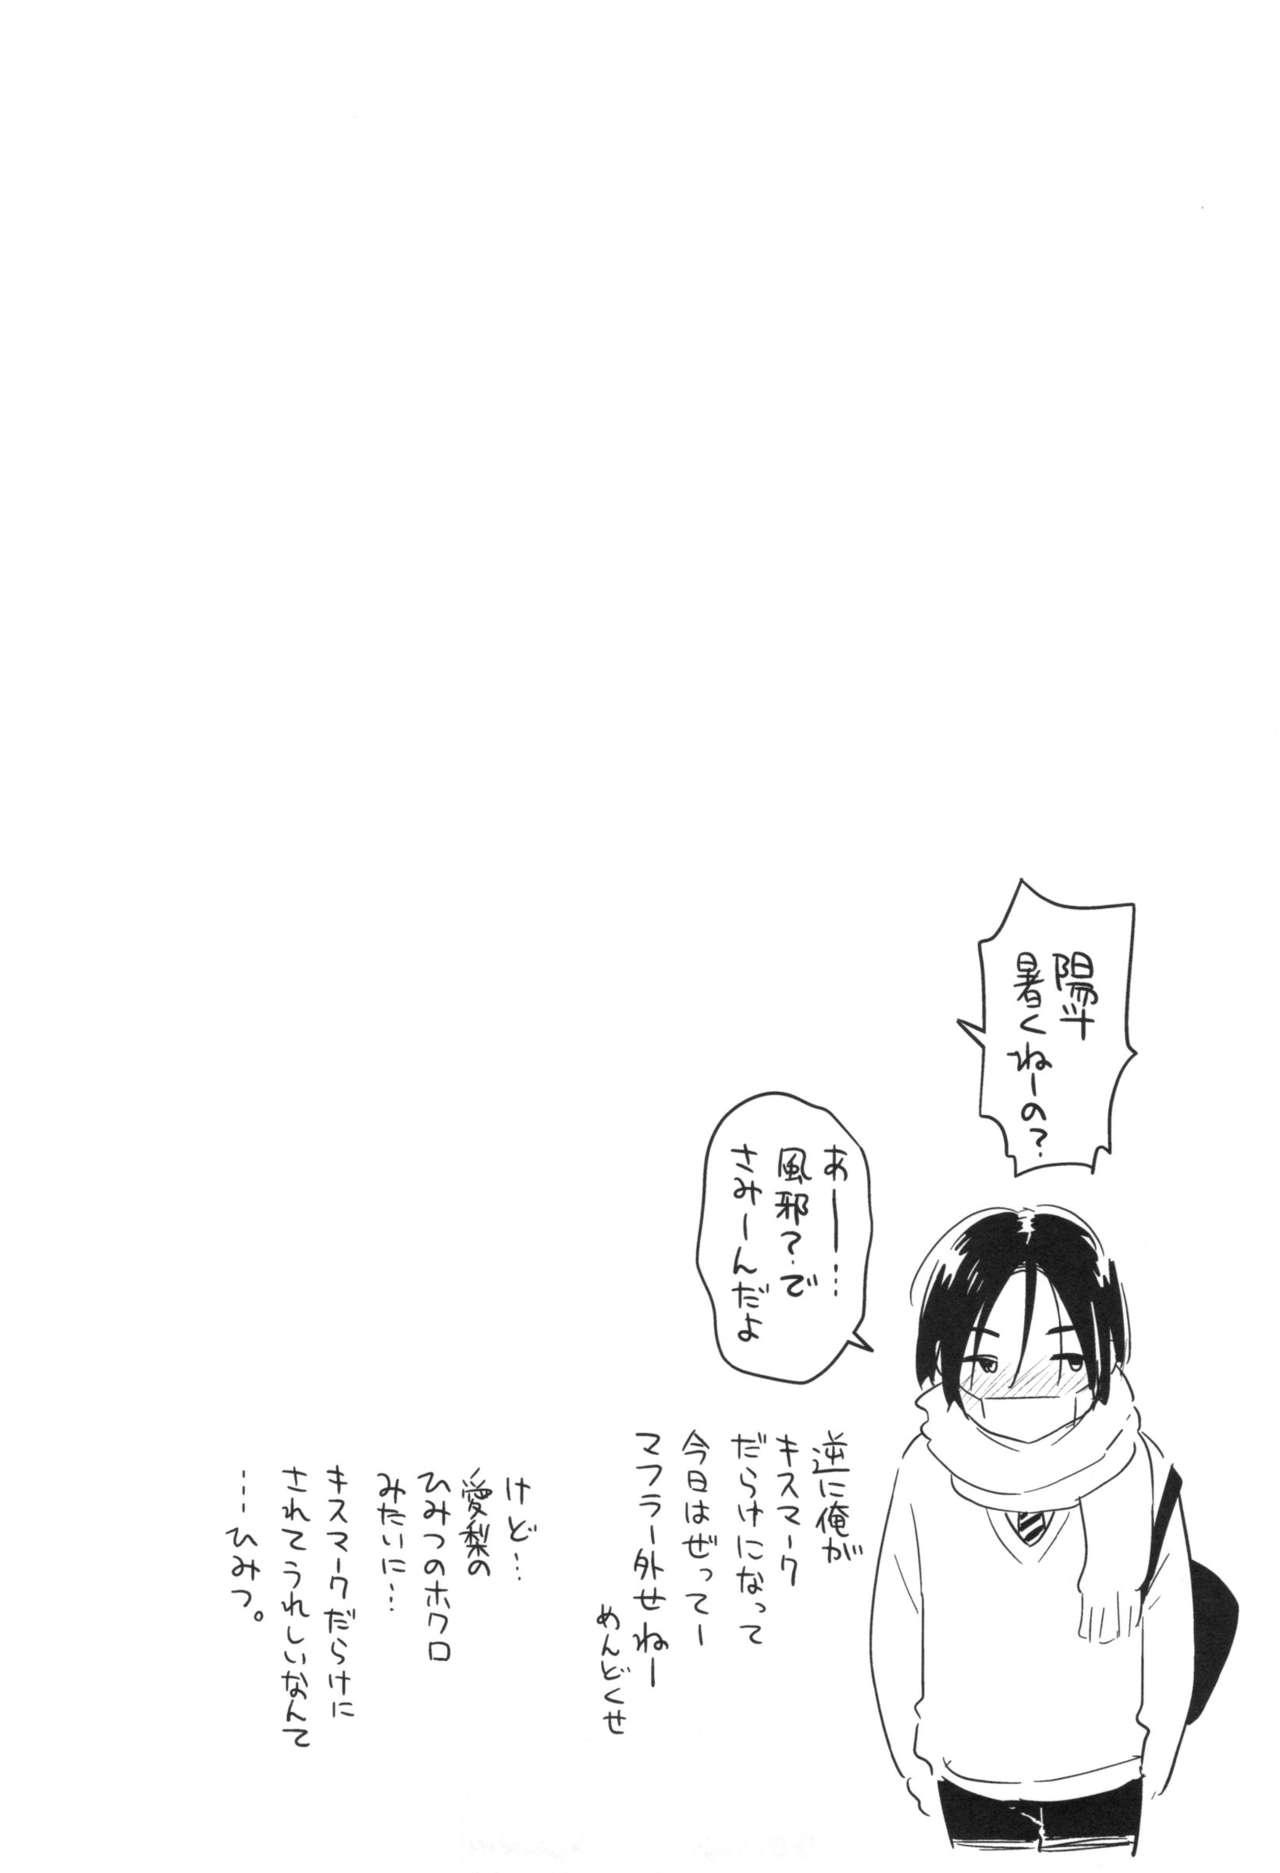 Futari no Himitsu 38